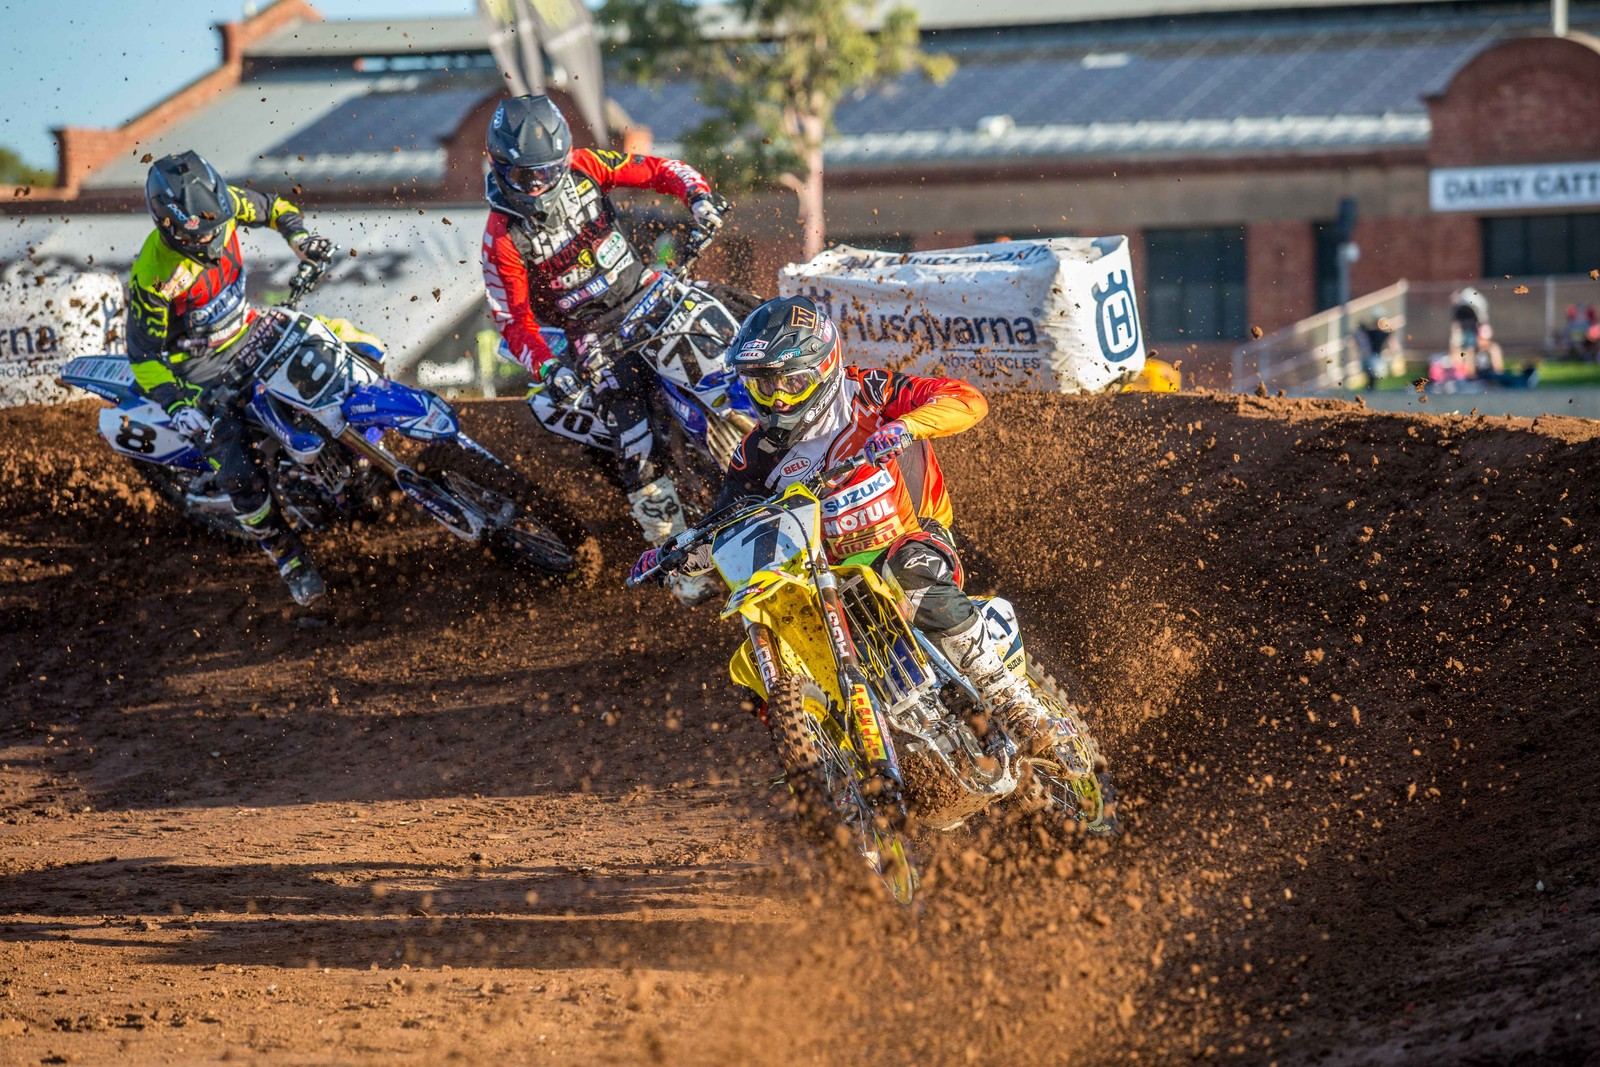 Matt Moss - Photo Blast: Australian Supercross Championship from Adelaide - Motocross Pictures - Vital MX